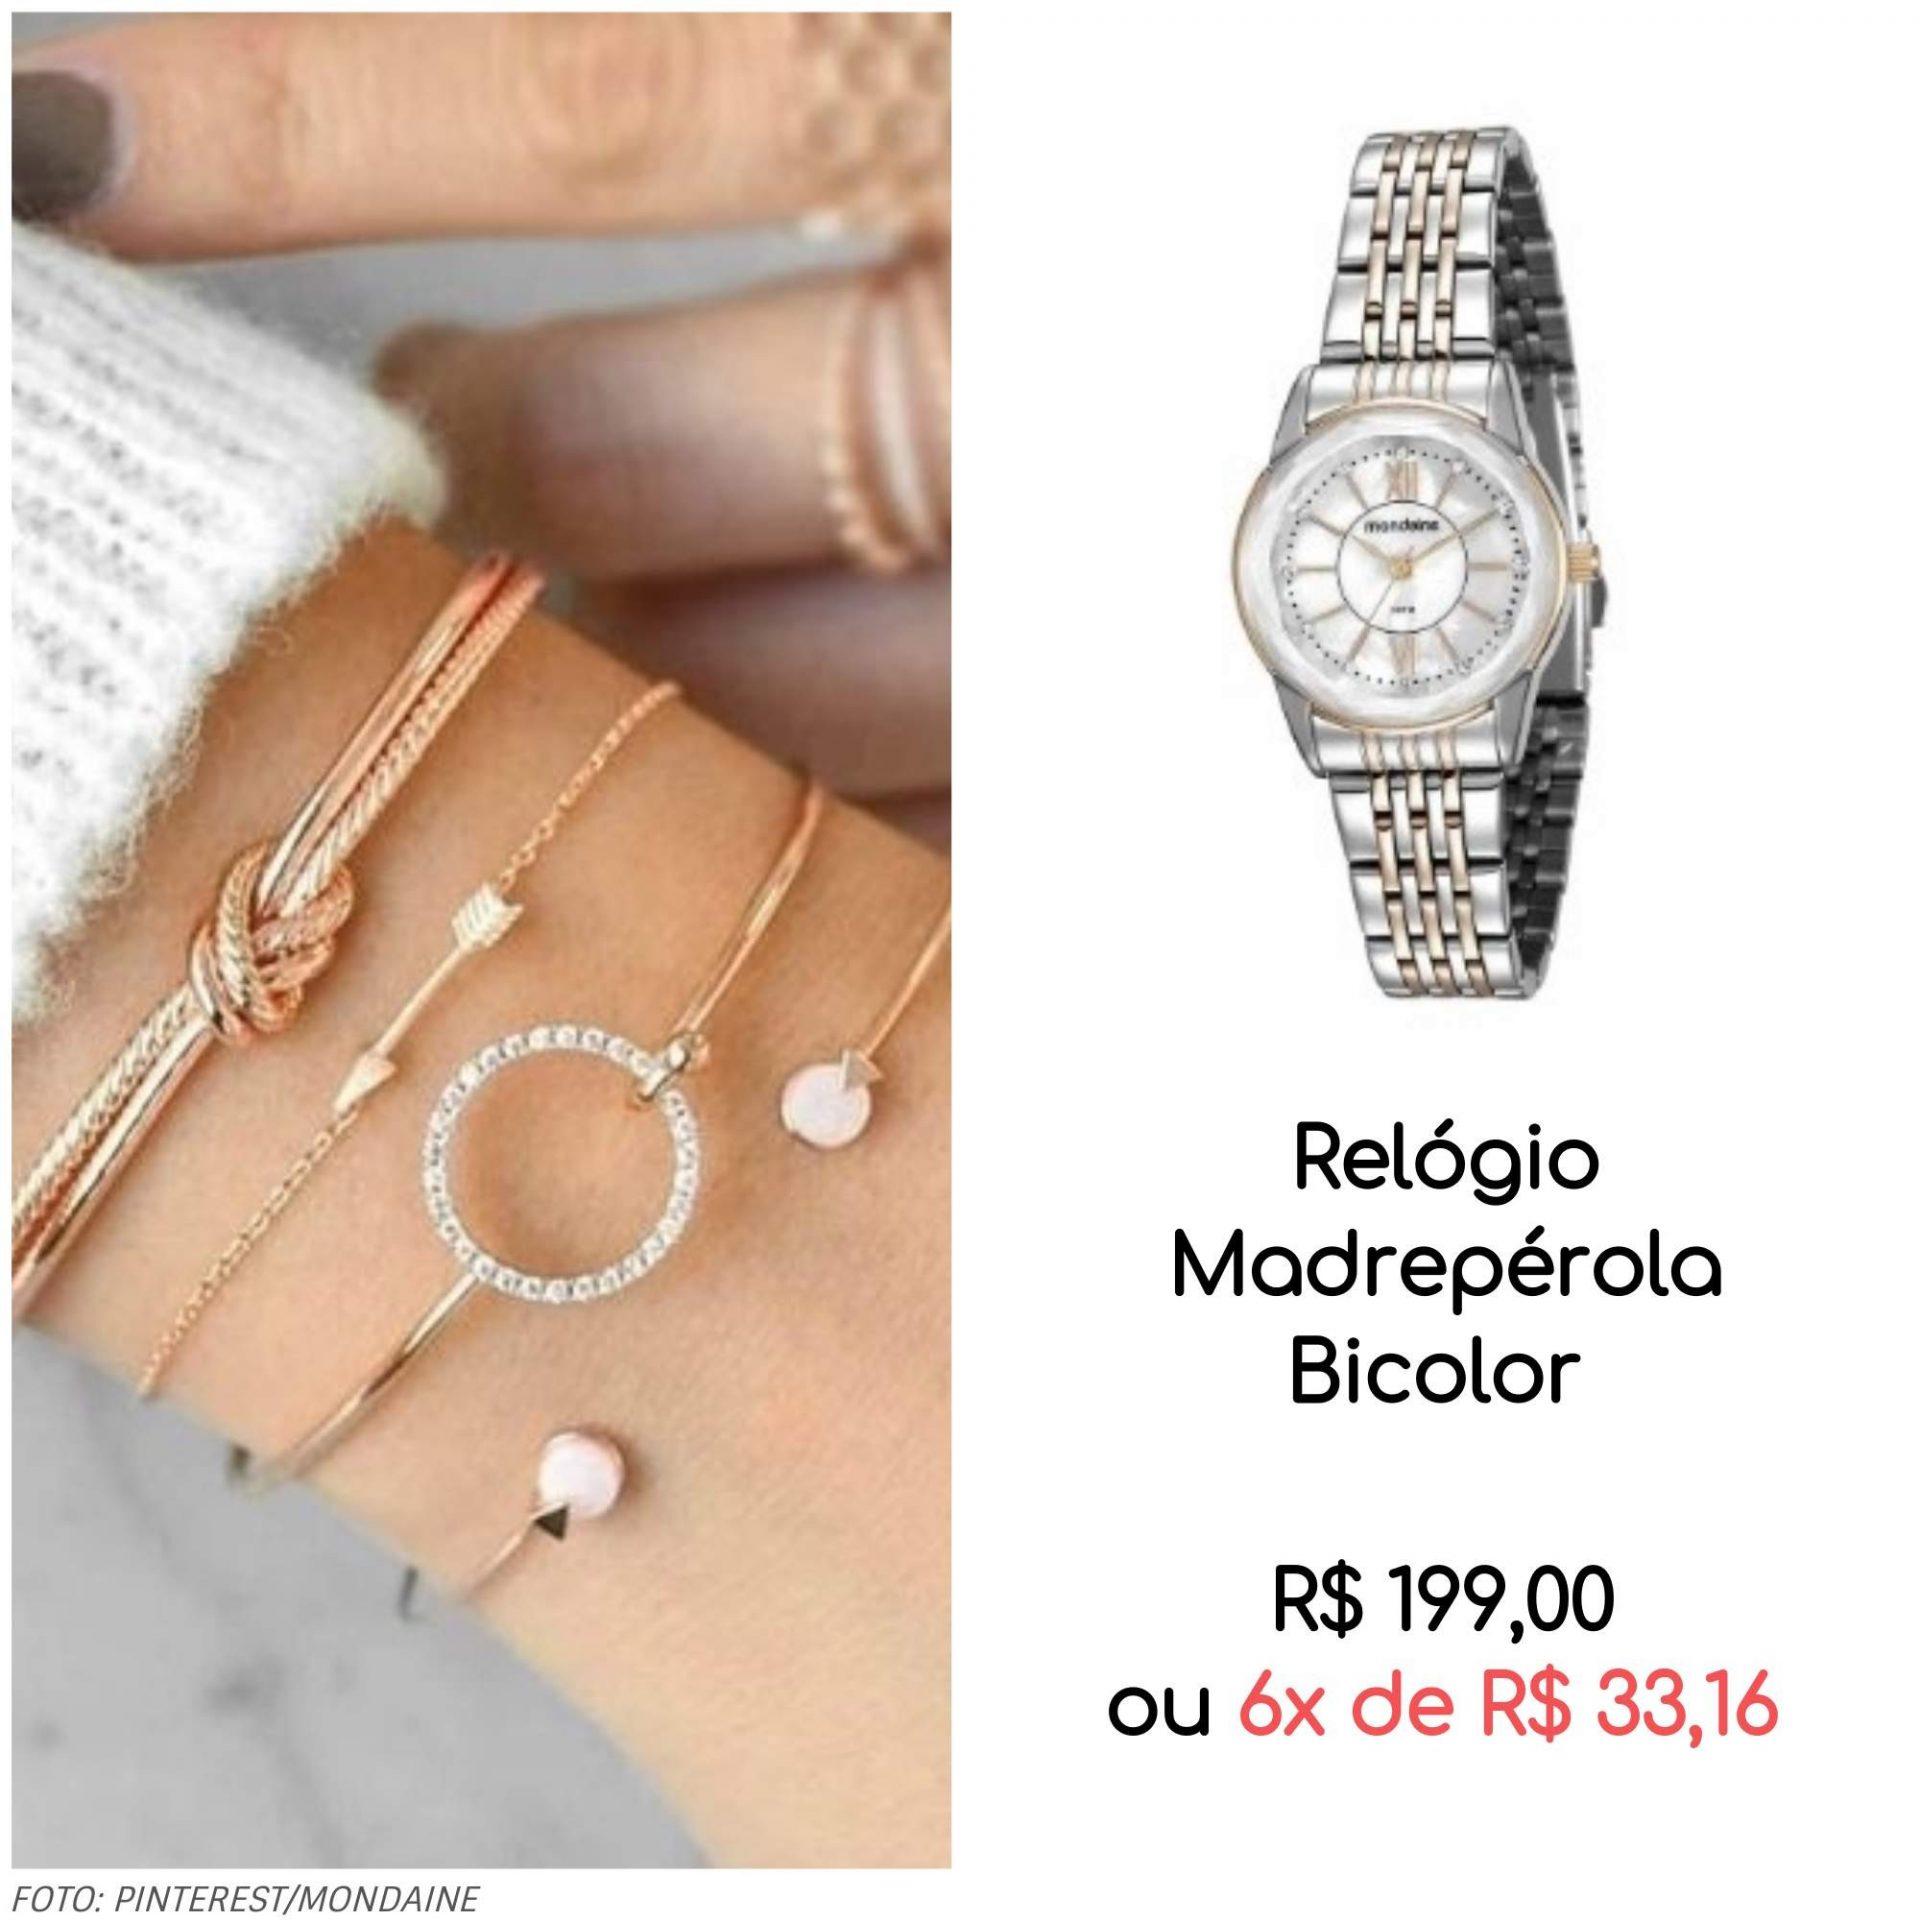 02 relógio com pulseiras 1 - Trend Alert: mix de relógio com pulseiras (muitas pulseiras!)